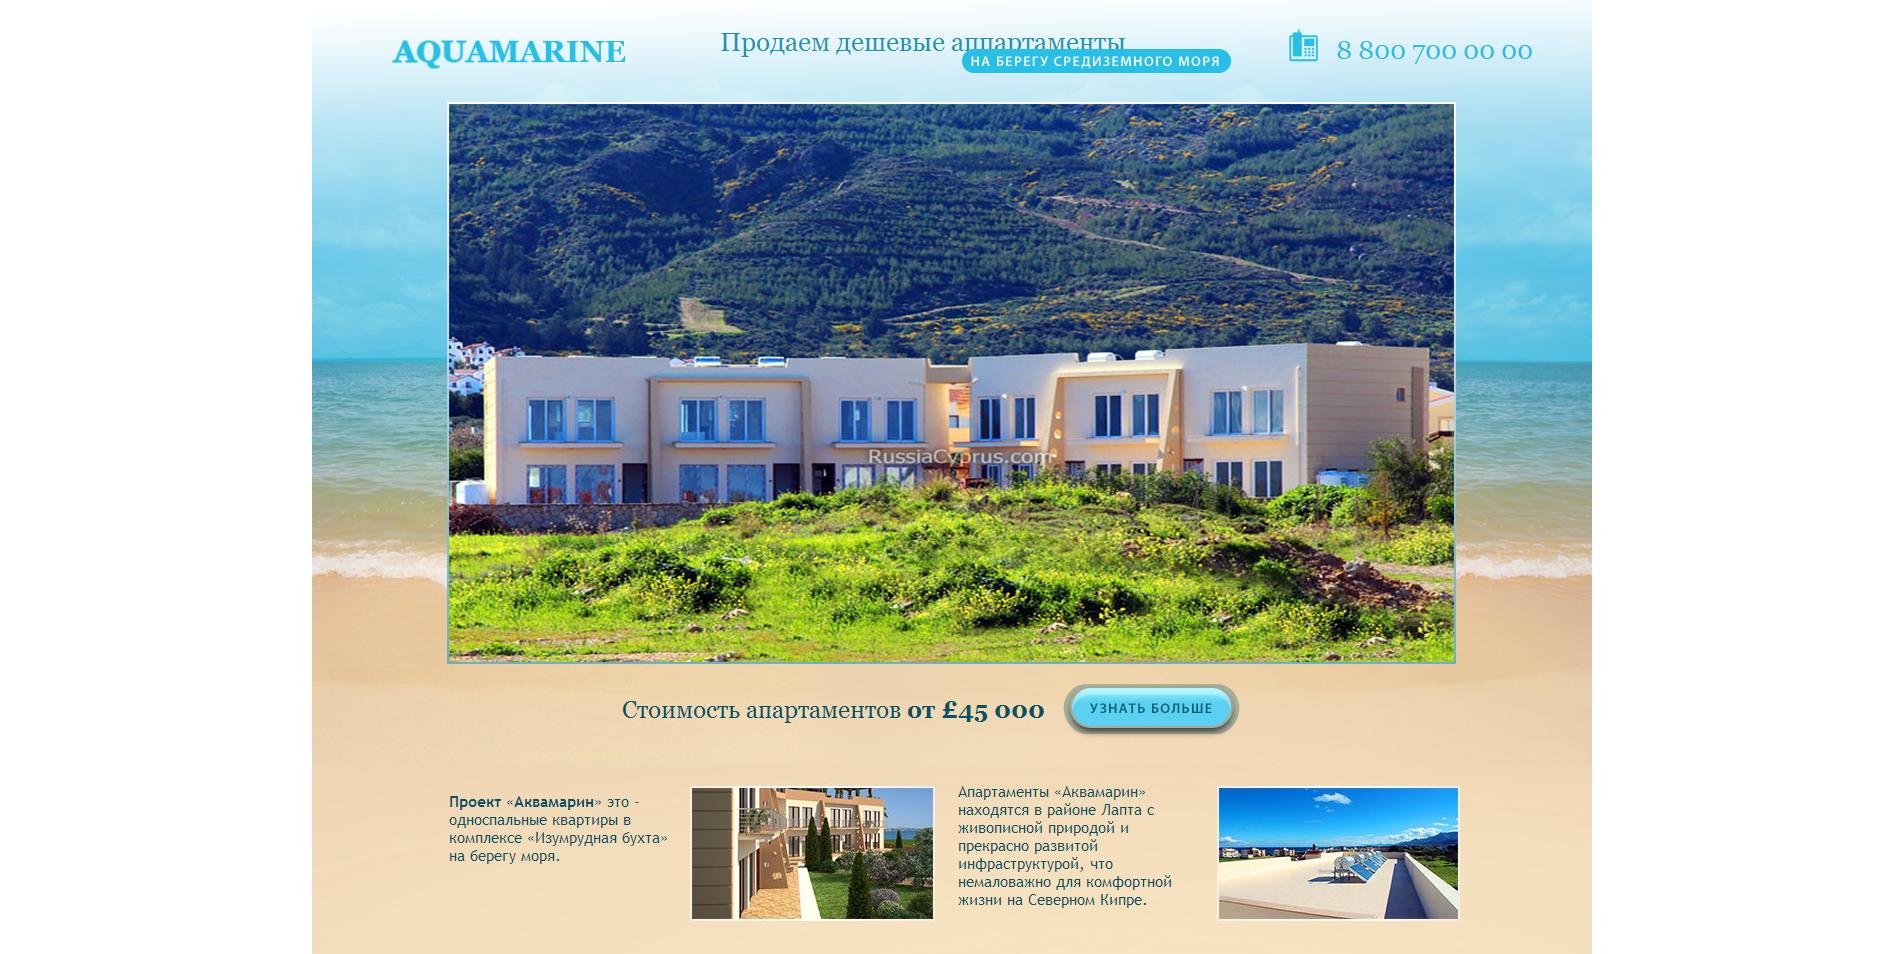 Aquamarine (страница захвата)